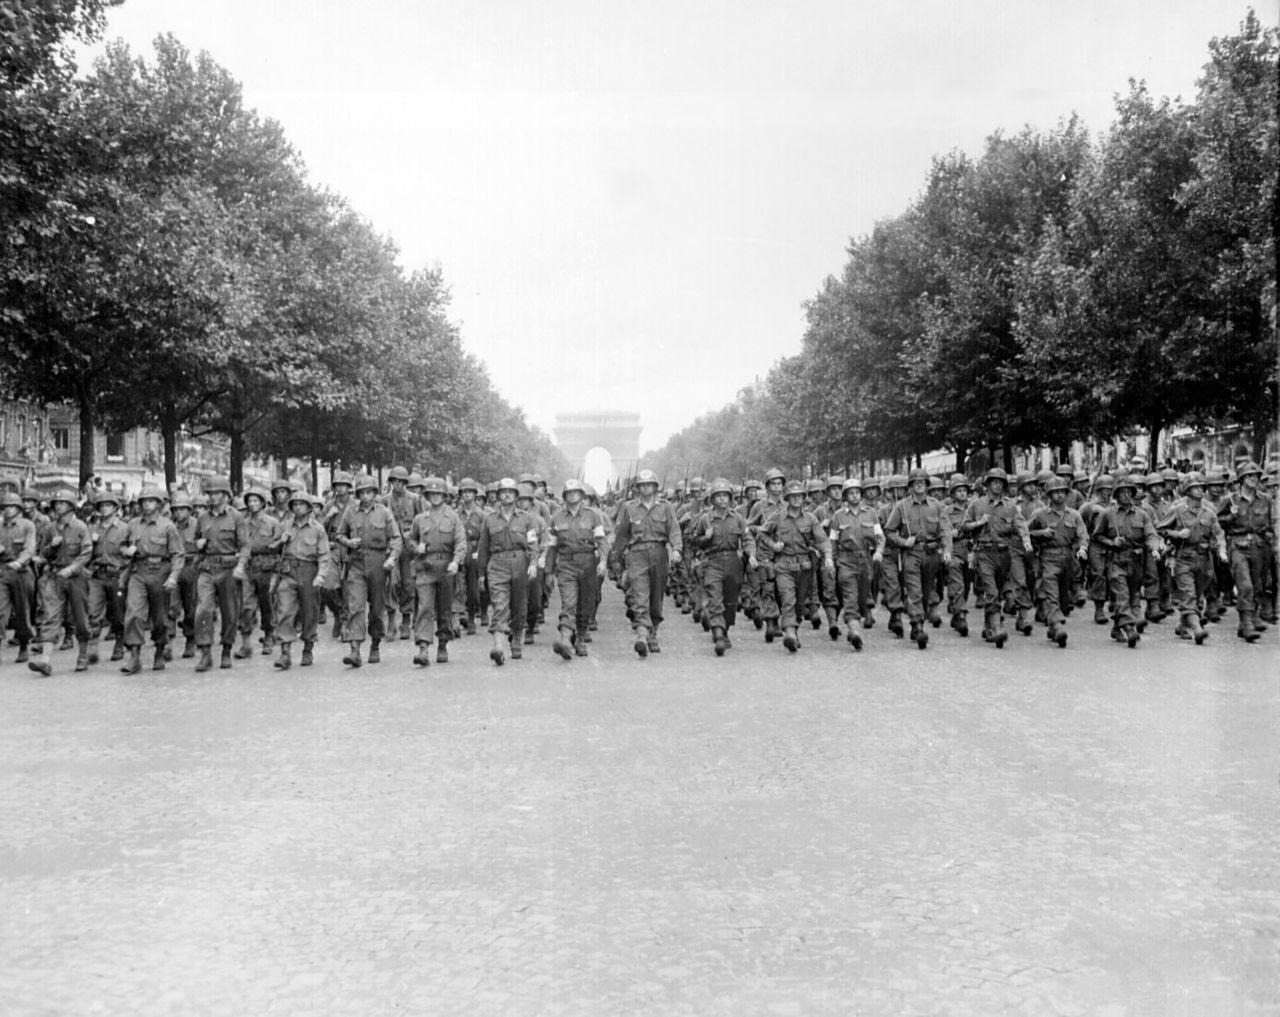 ถนนฌ็องเซลิเซ่ -สวนสนามหลังปลดปล่อยปารีส